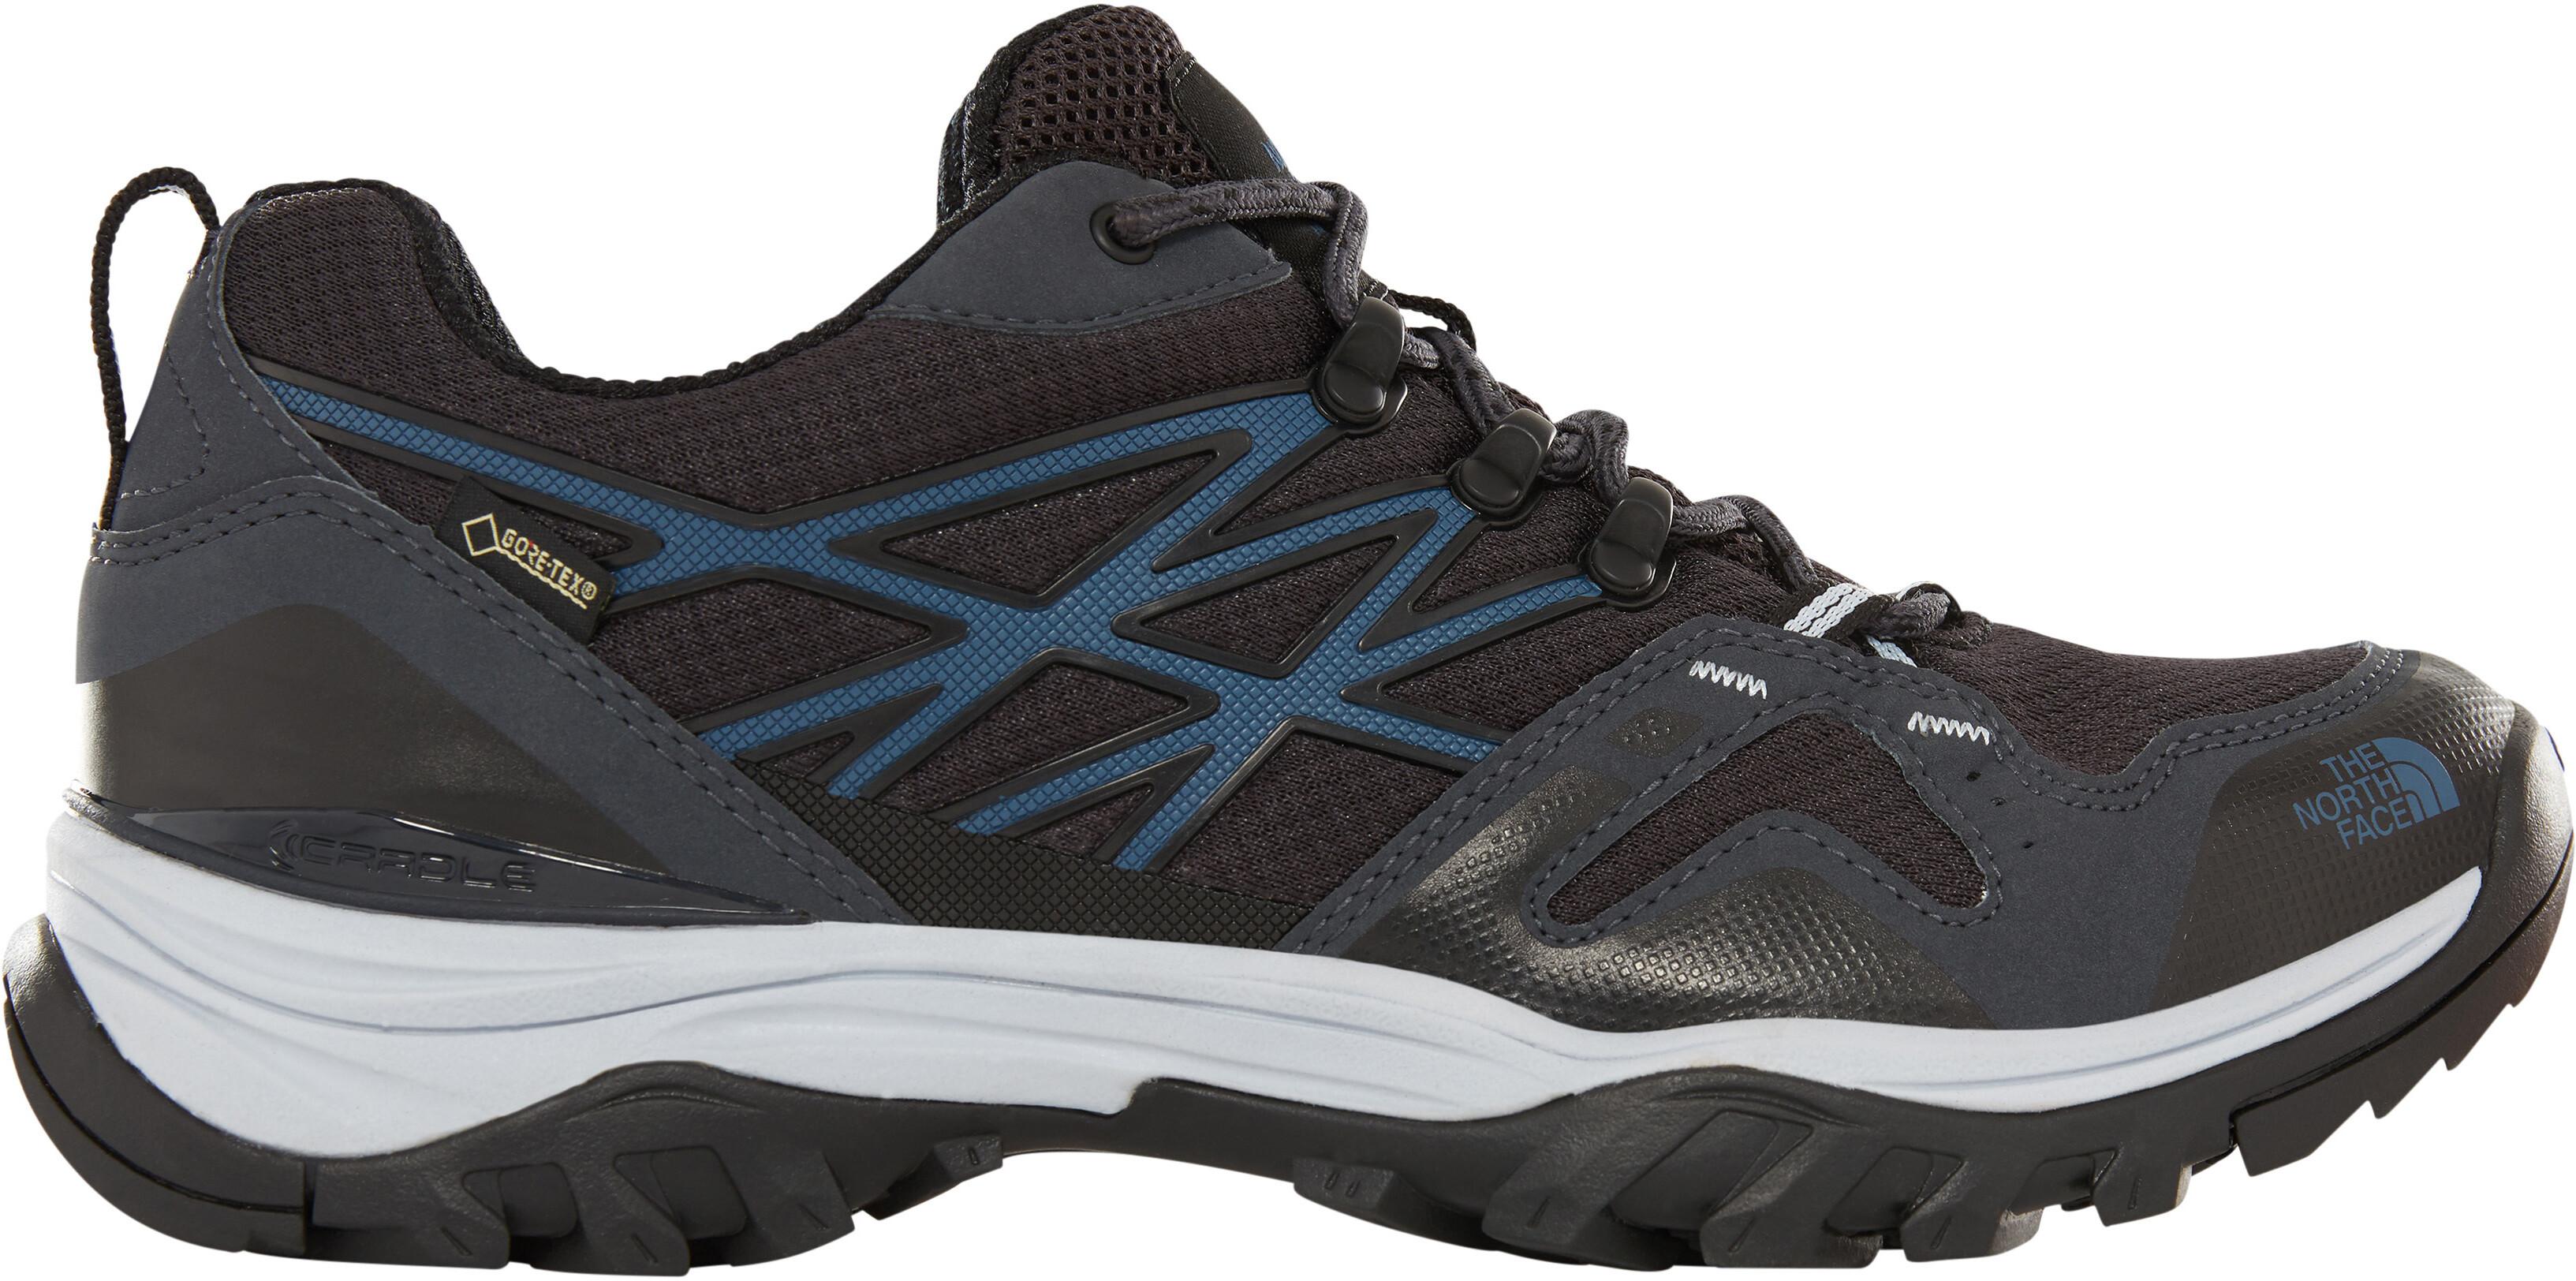 The North Face Hedgehog Fastpack GTX Shoes Men blue black at ... cede4f224b7